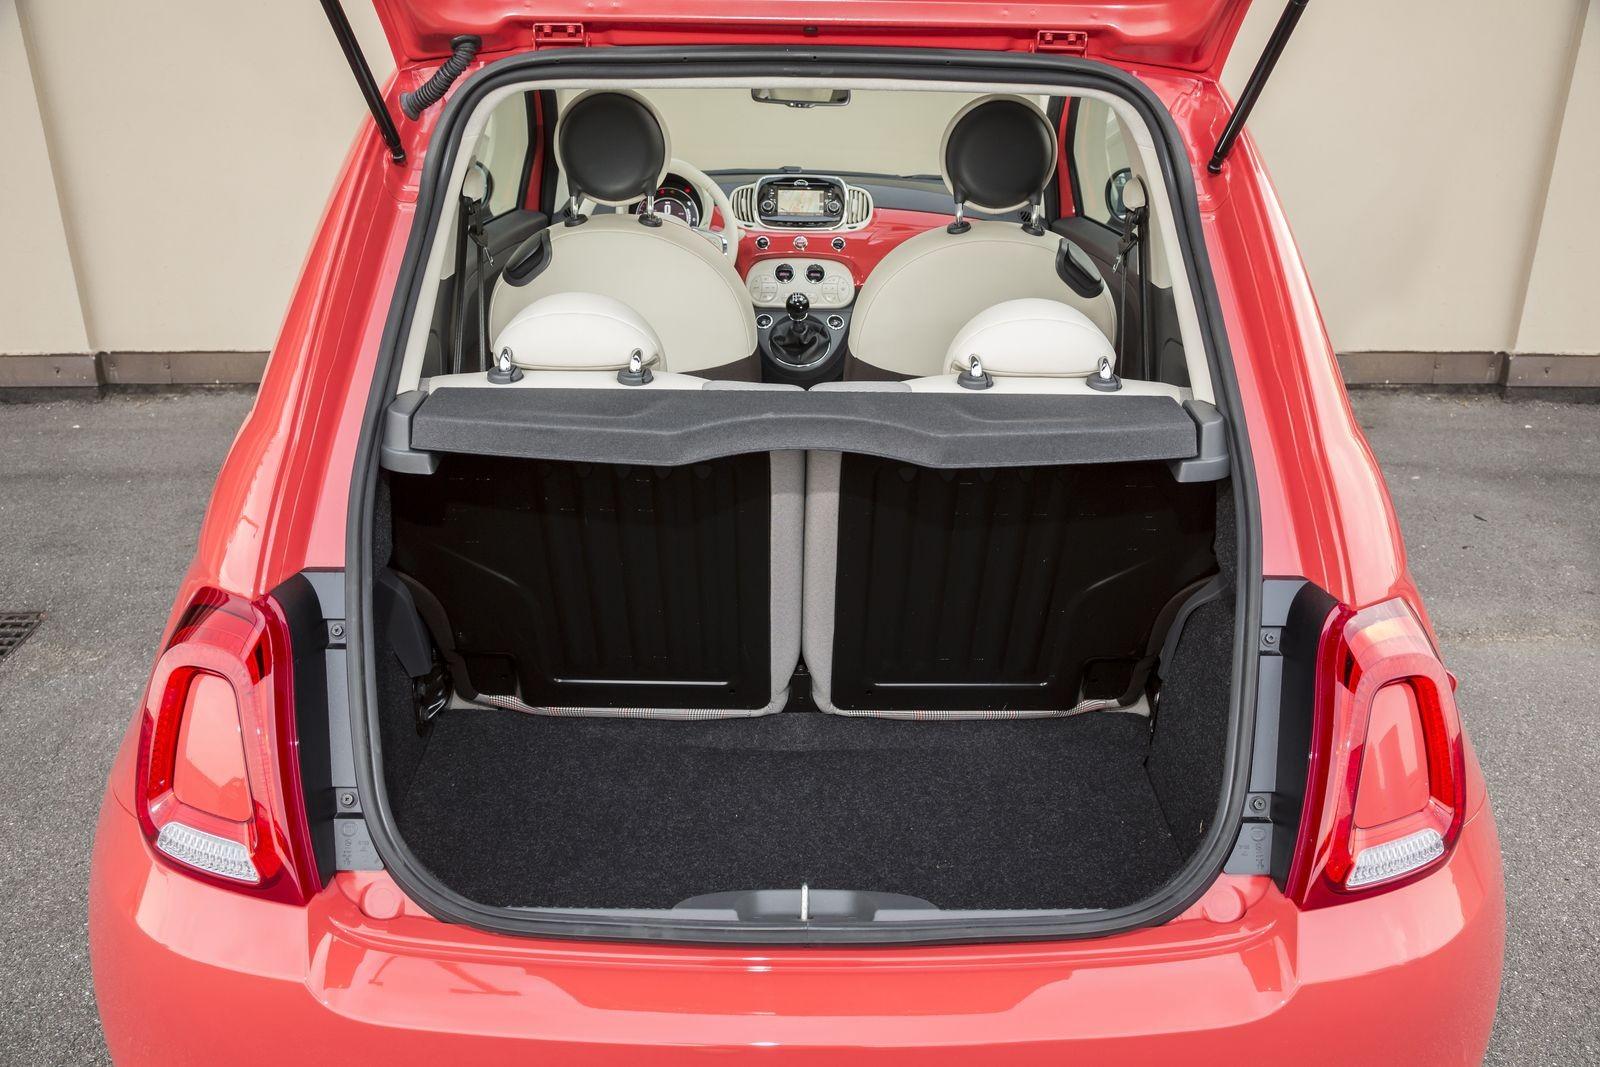 Игрушка почти без сюрпризов: стоит ли покупать Fiat 500 за 600 тысяч рублей